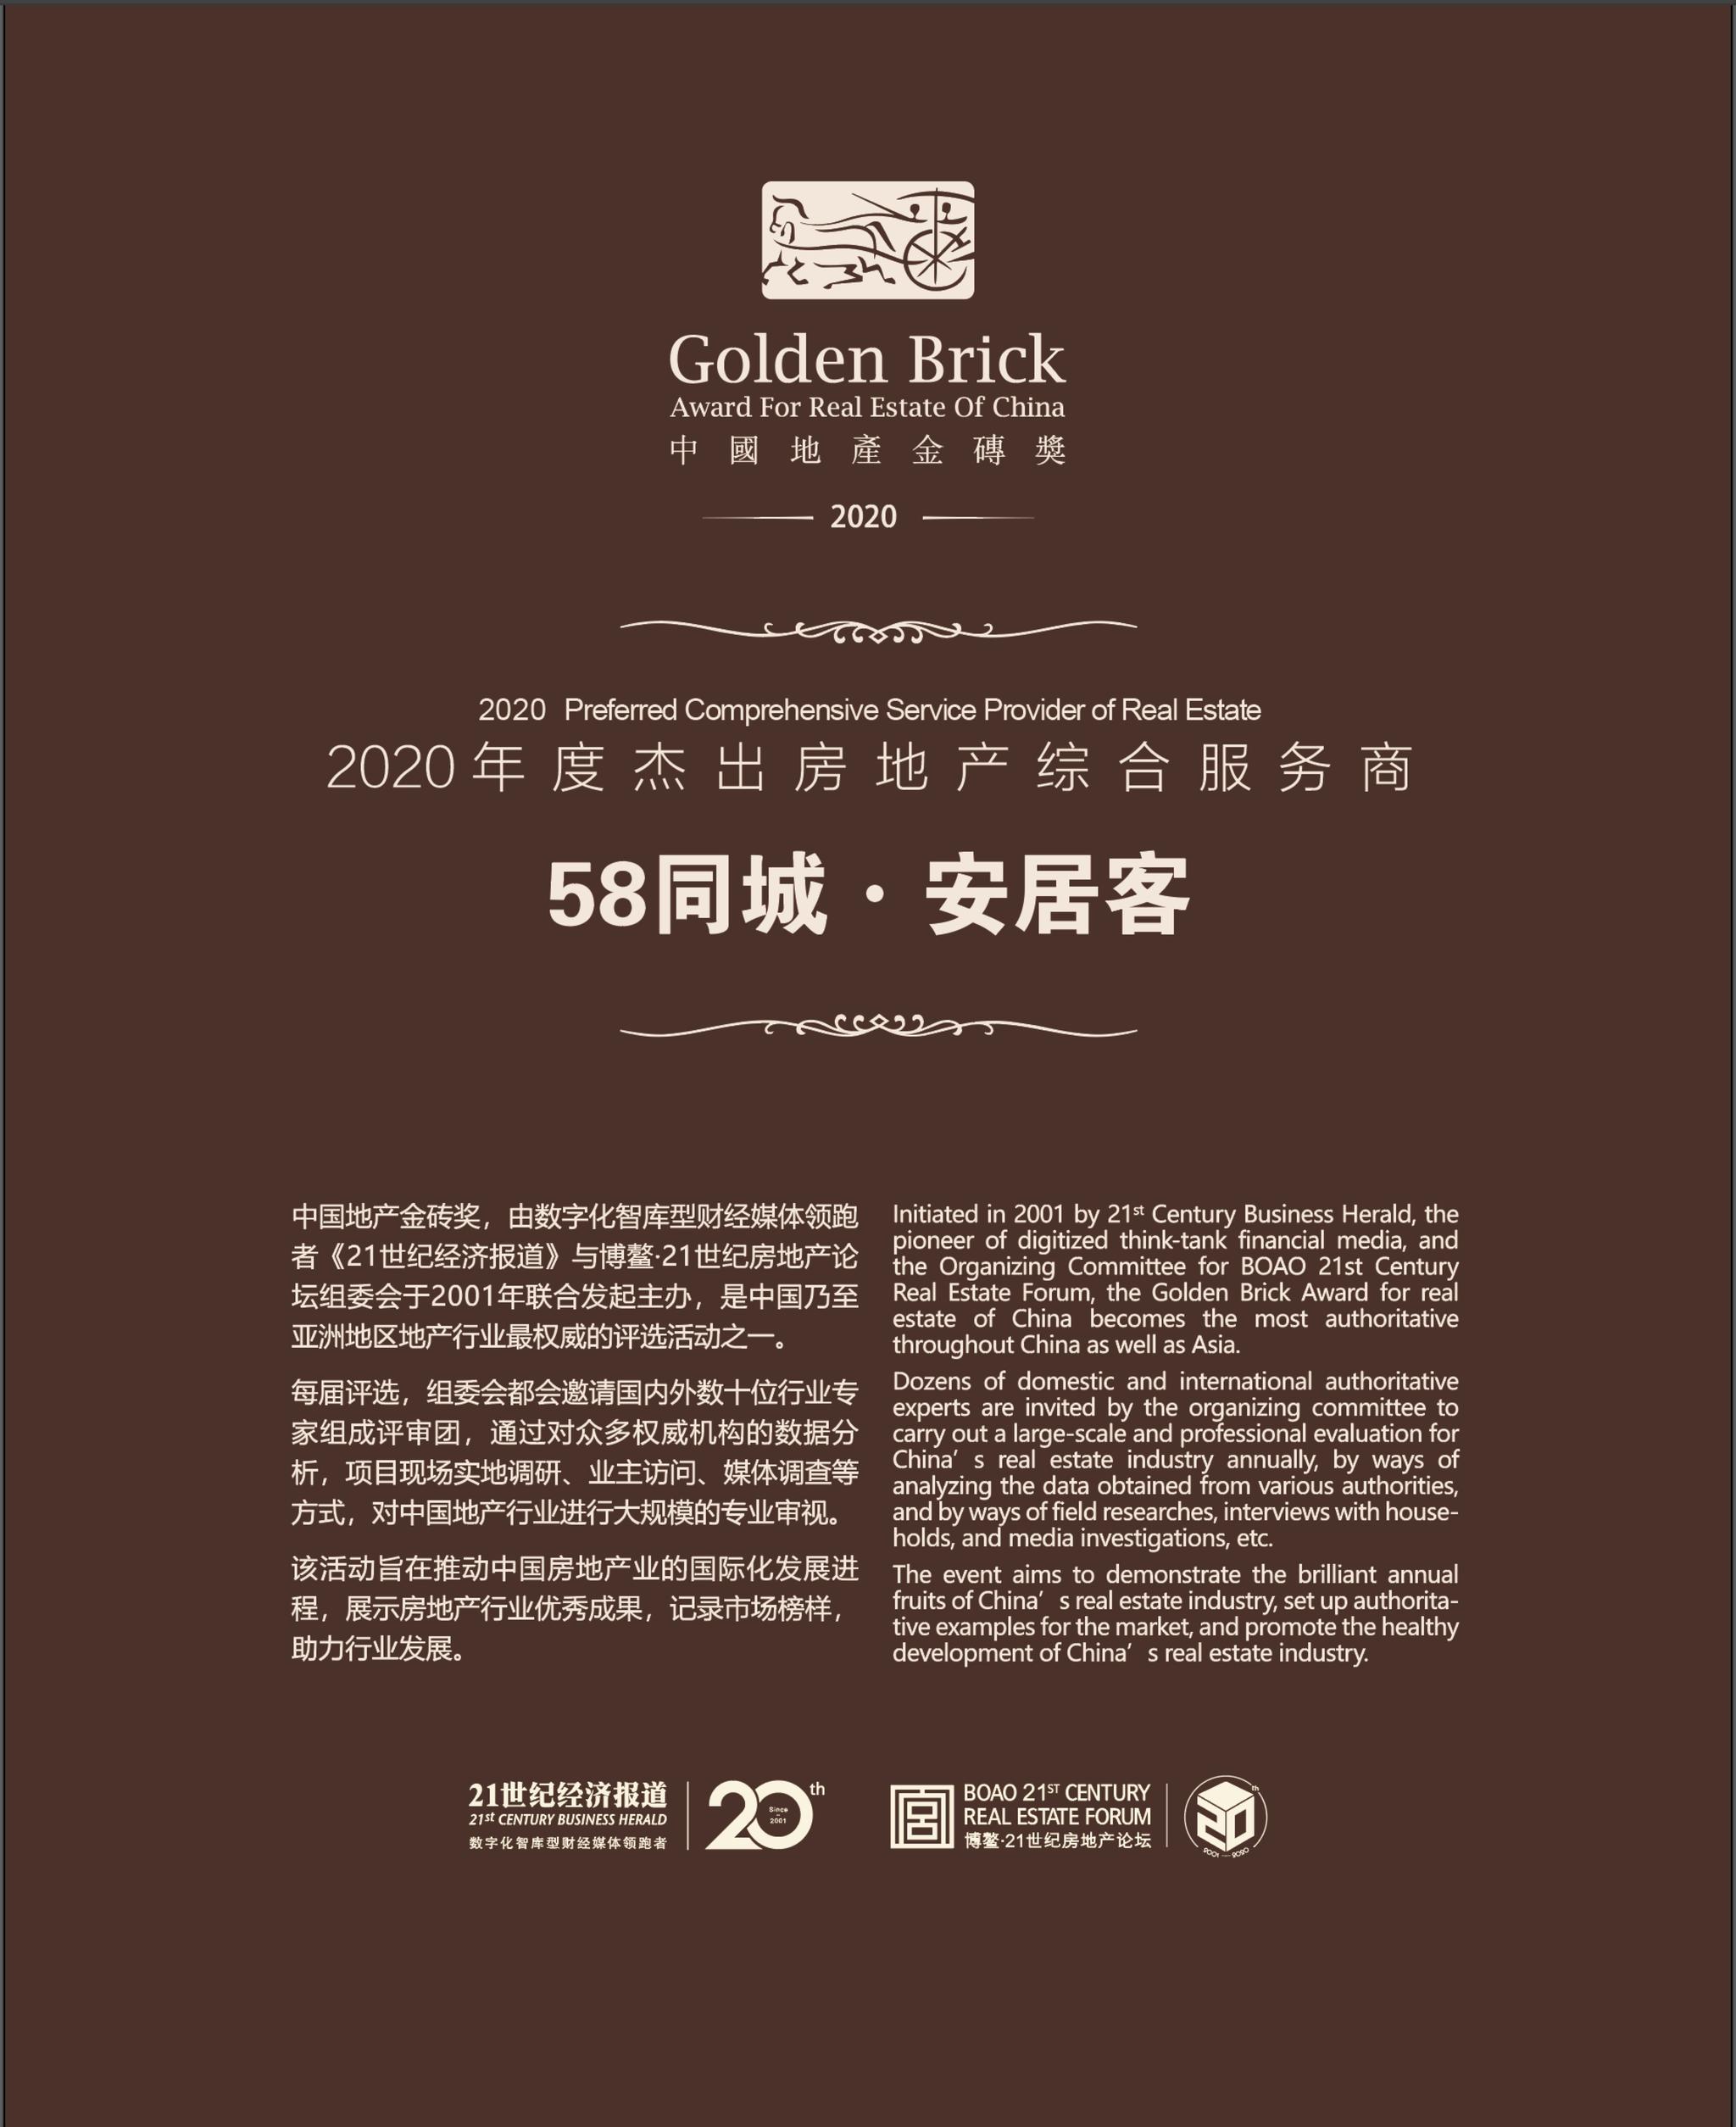 58同城、安居客创新产品持续赋能房产信息领域,斩获中国地产金砖奖